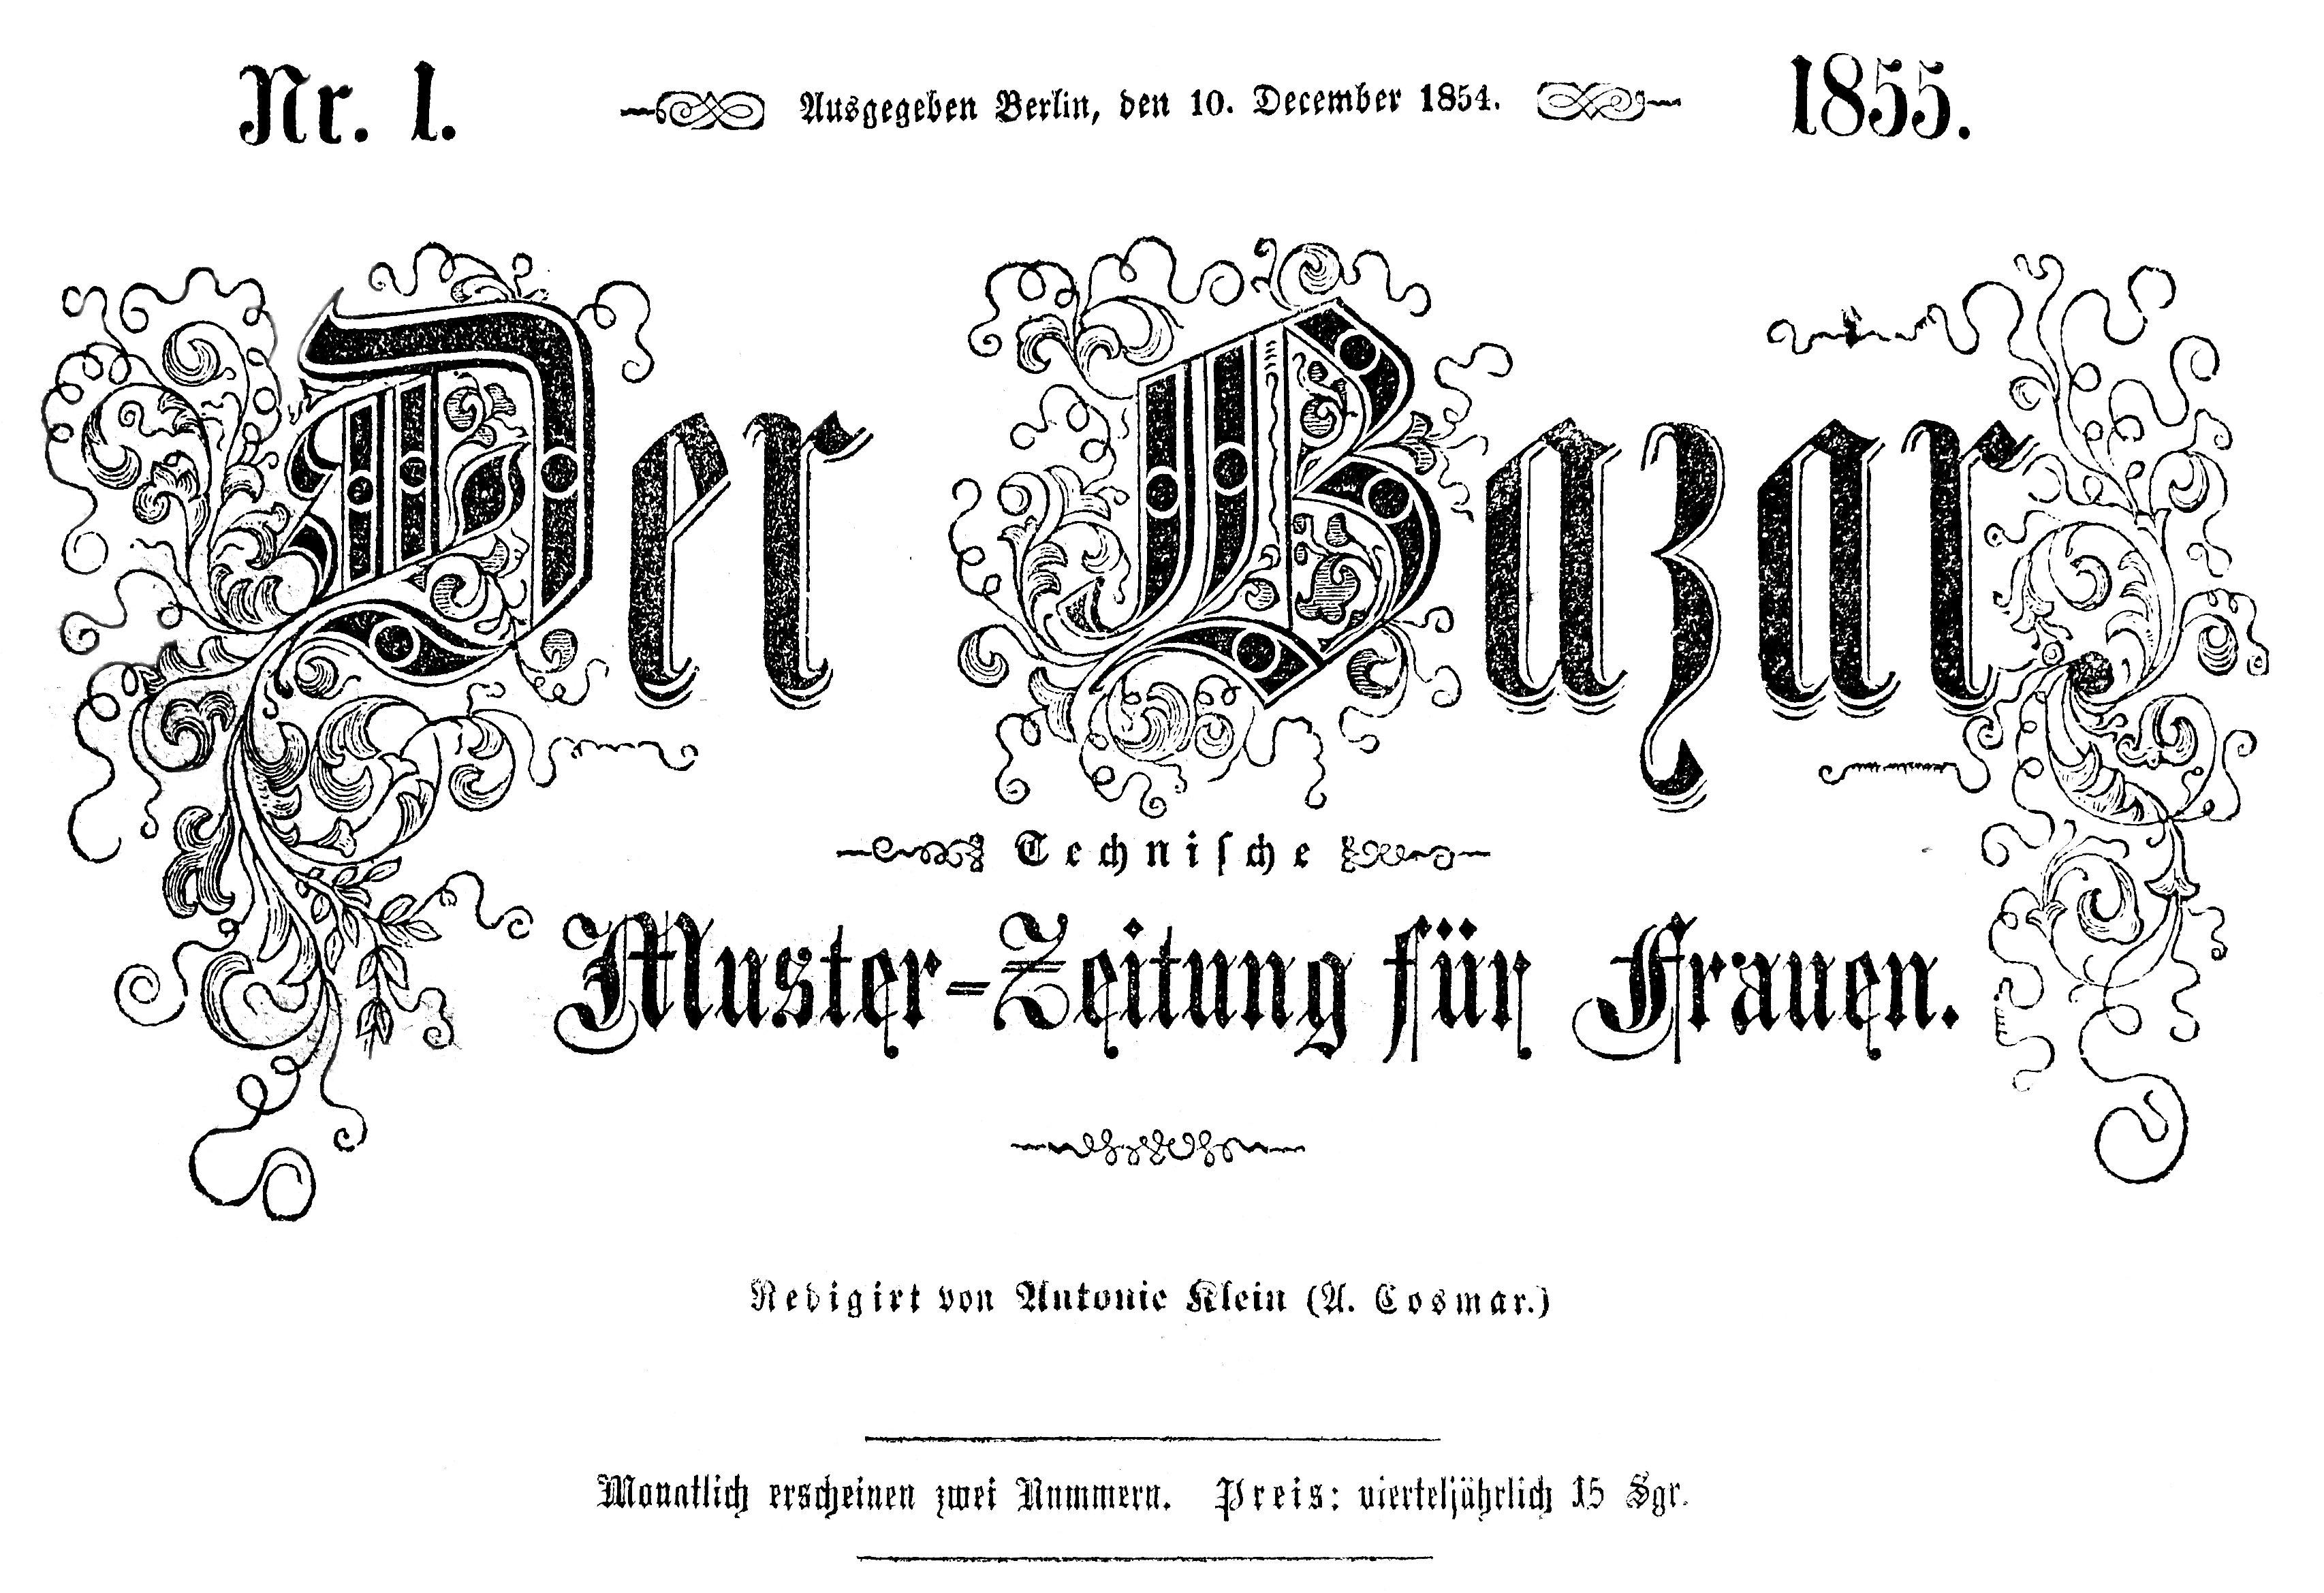 bazar-banner-1855